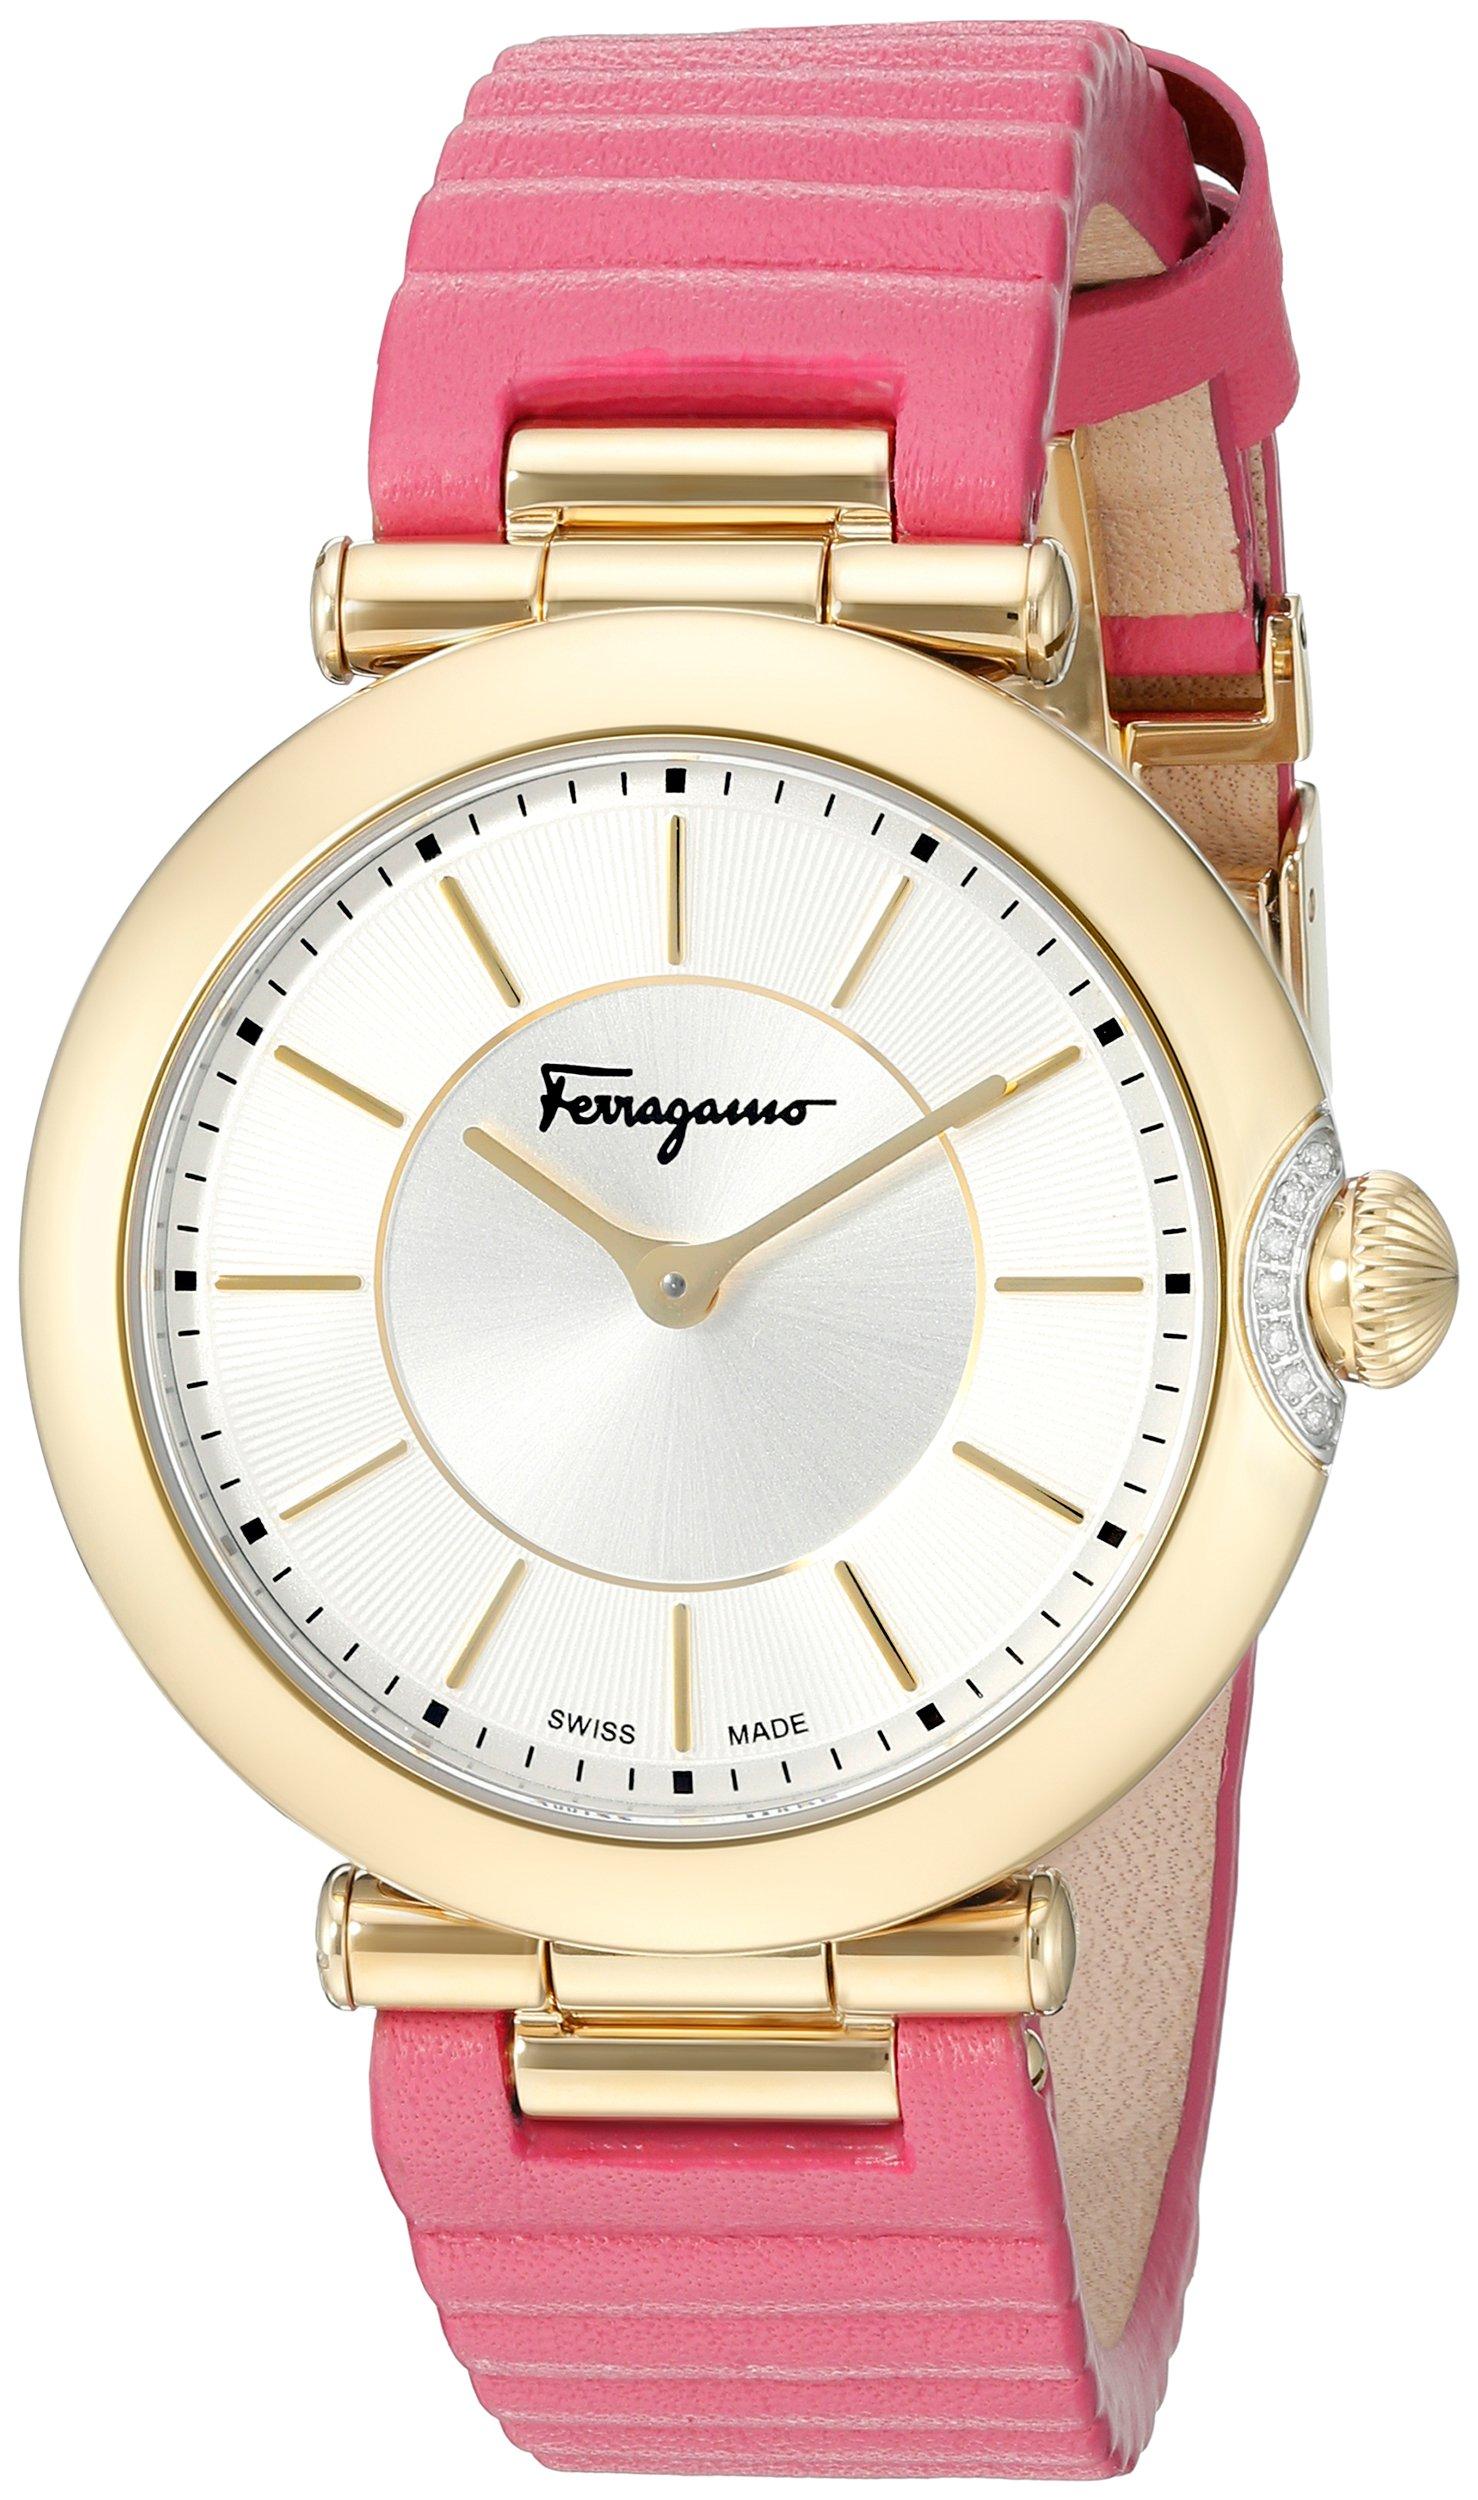 Salvatore Ferragamo Women's FIN030015 Style Analog Display Quartz Pink Watch by Salvatore Ferragamo